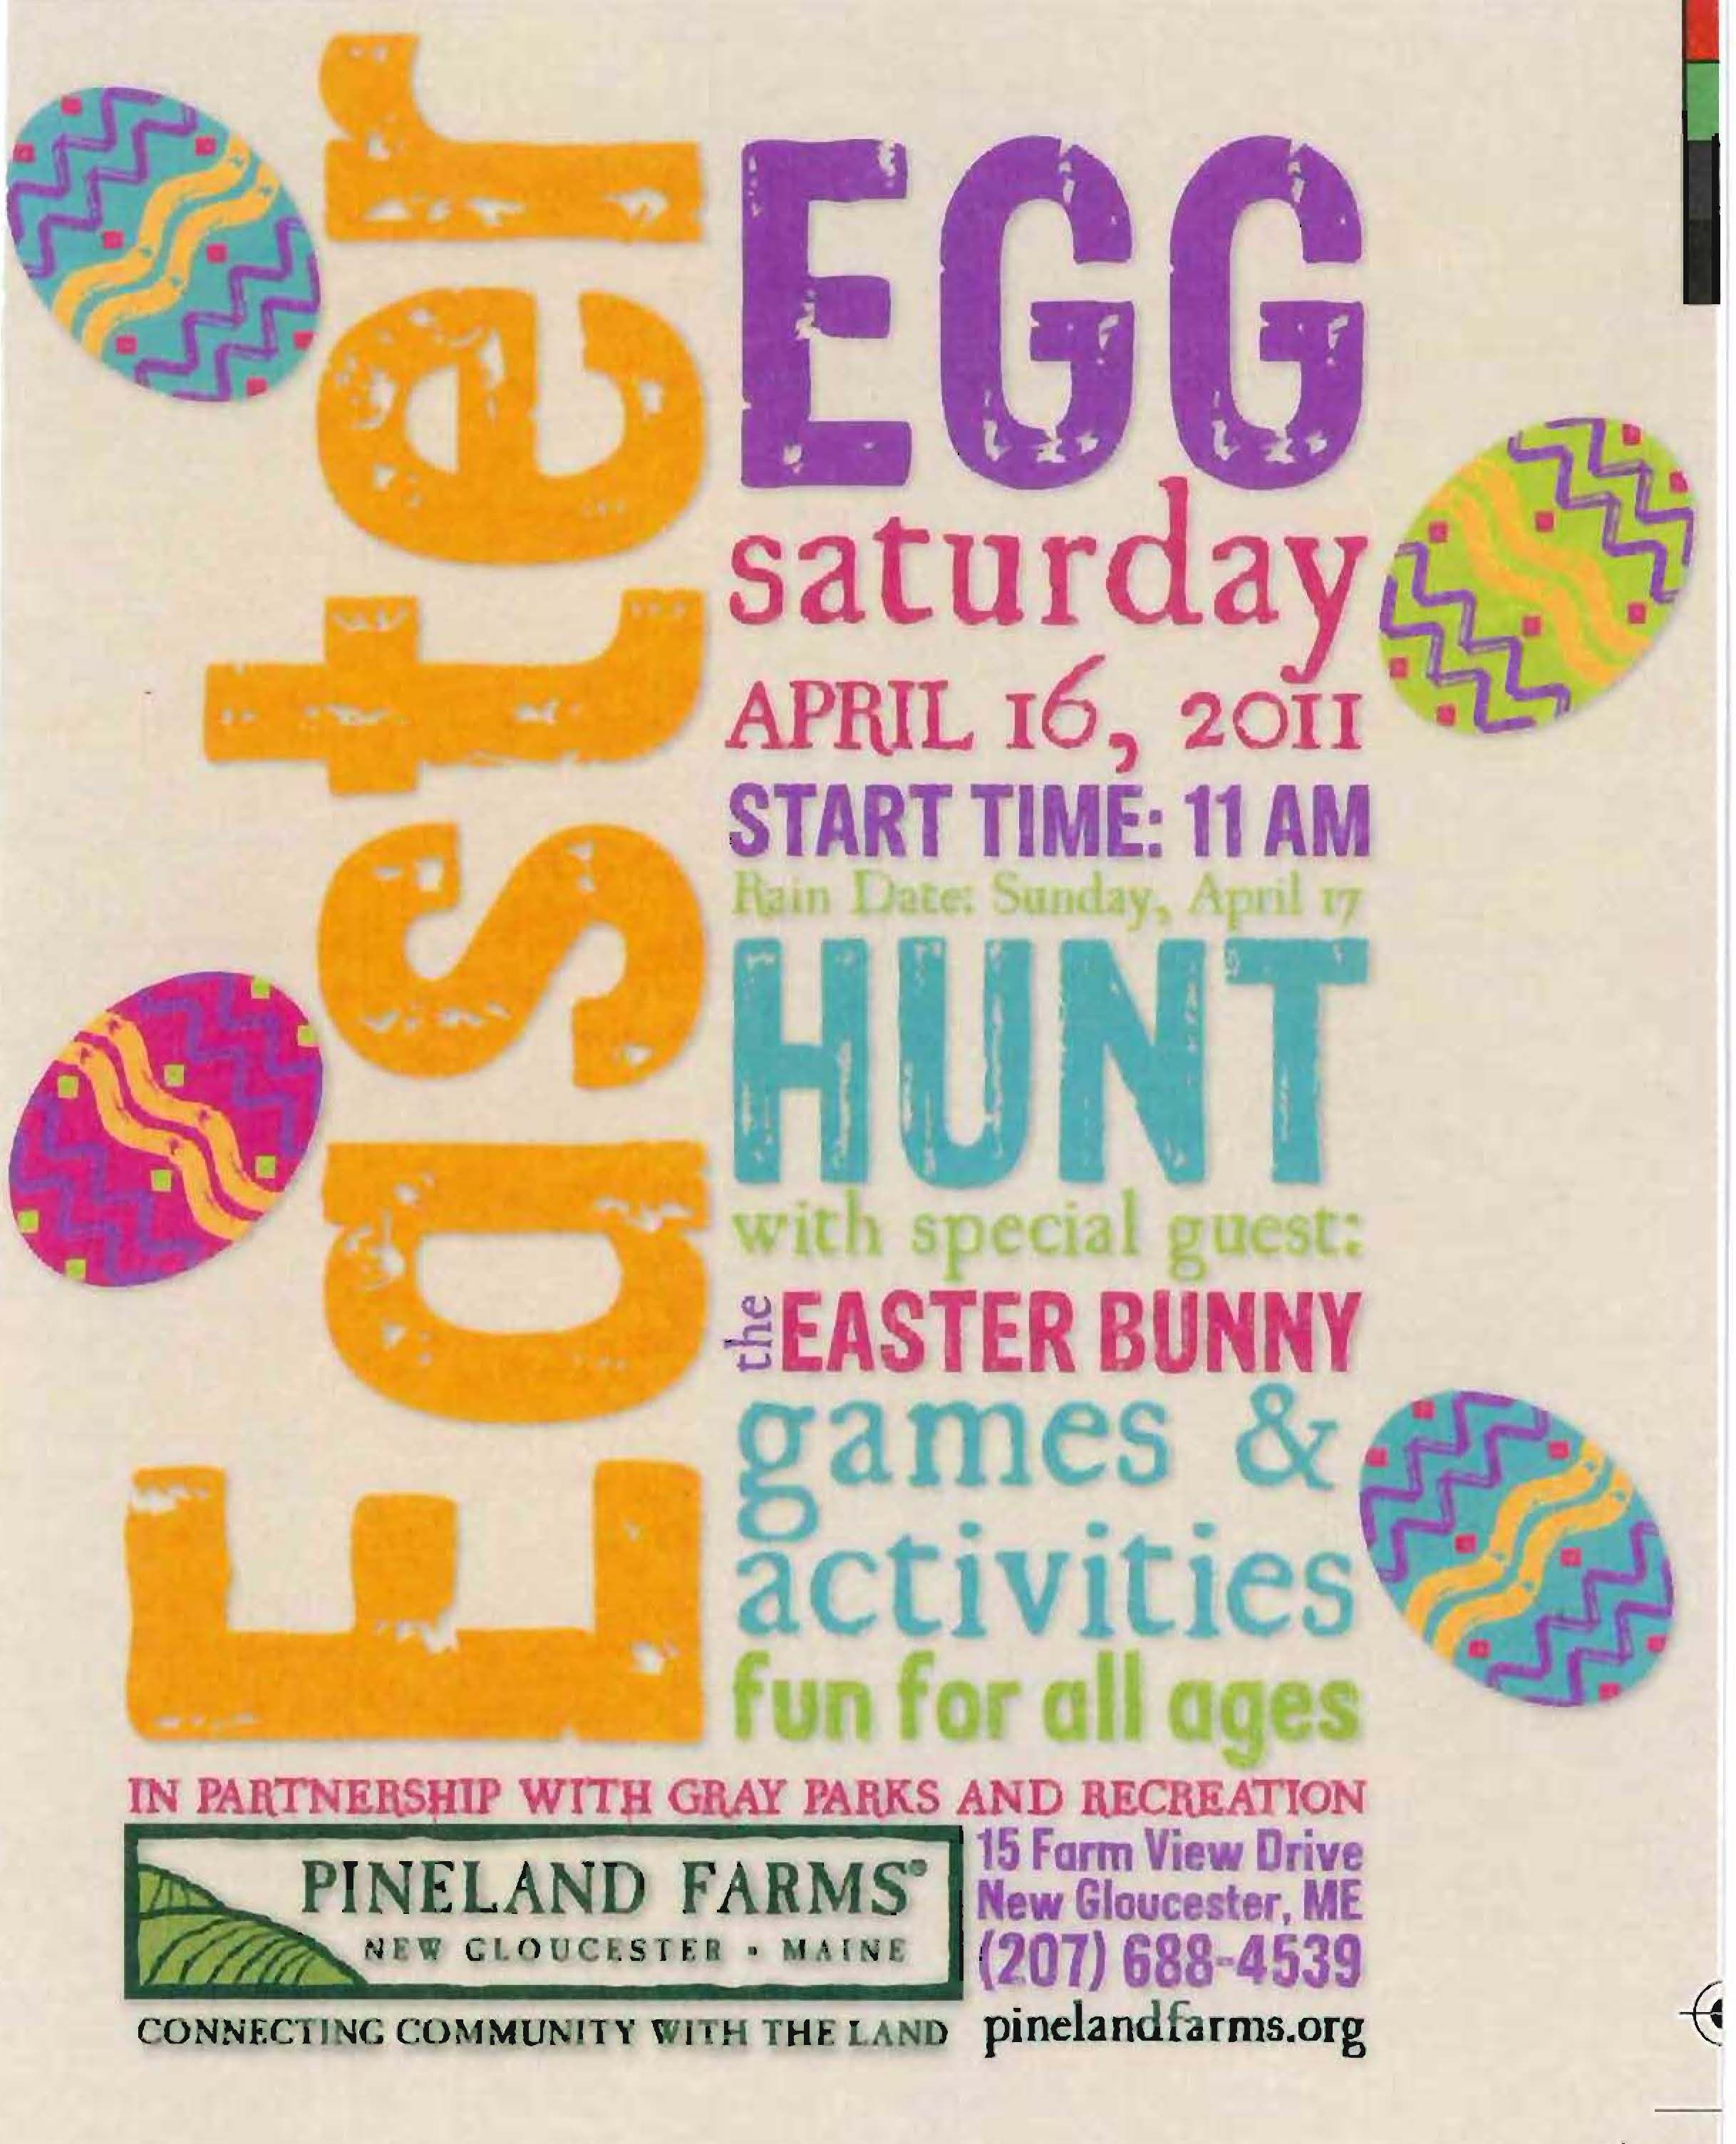 Easter Egg Hunt Flyer 2014